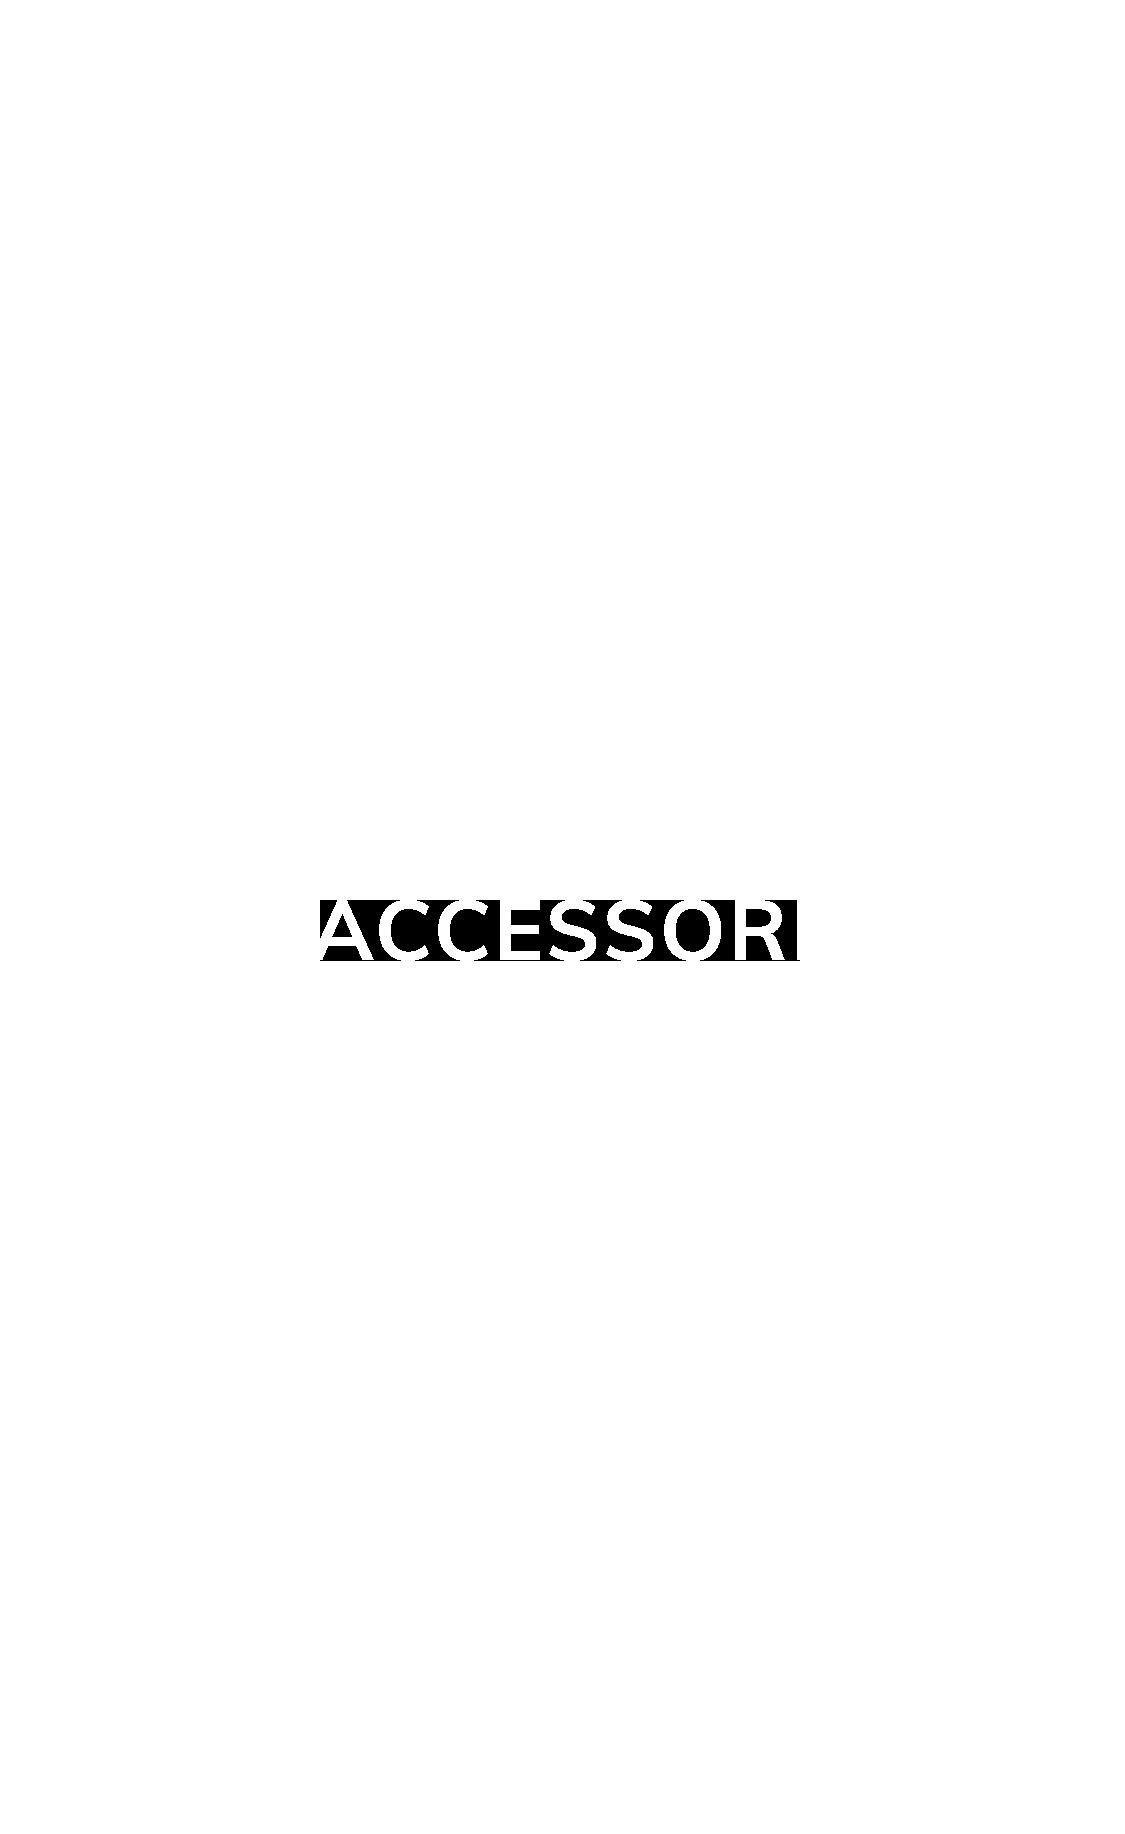 cat-accessori-new-6